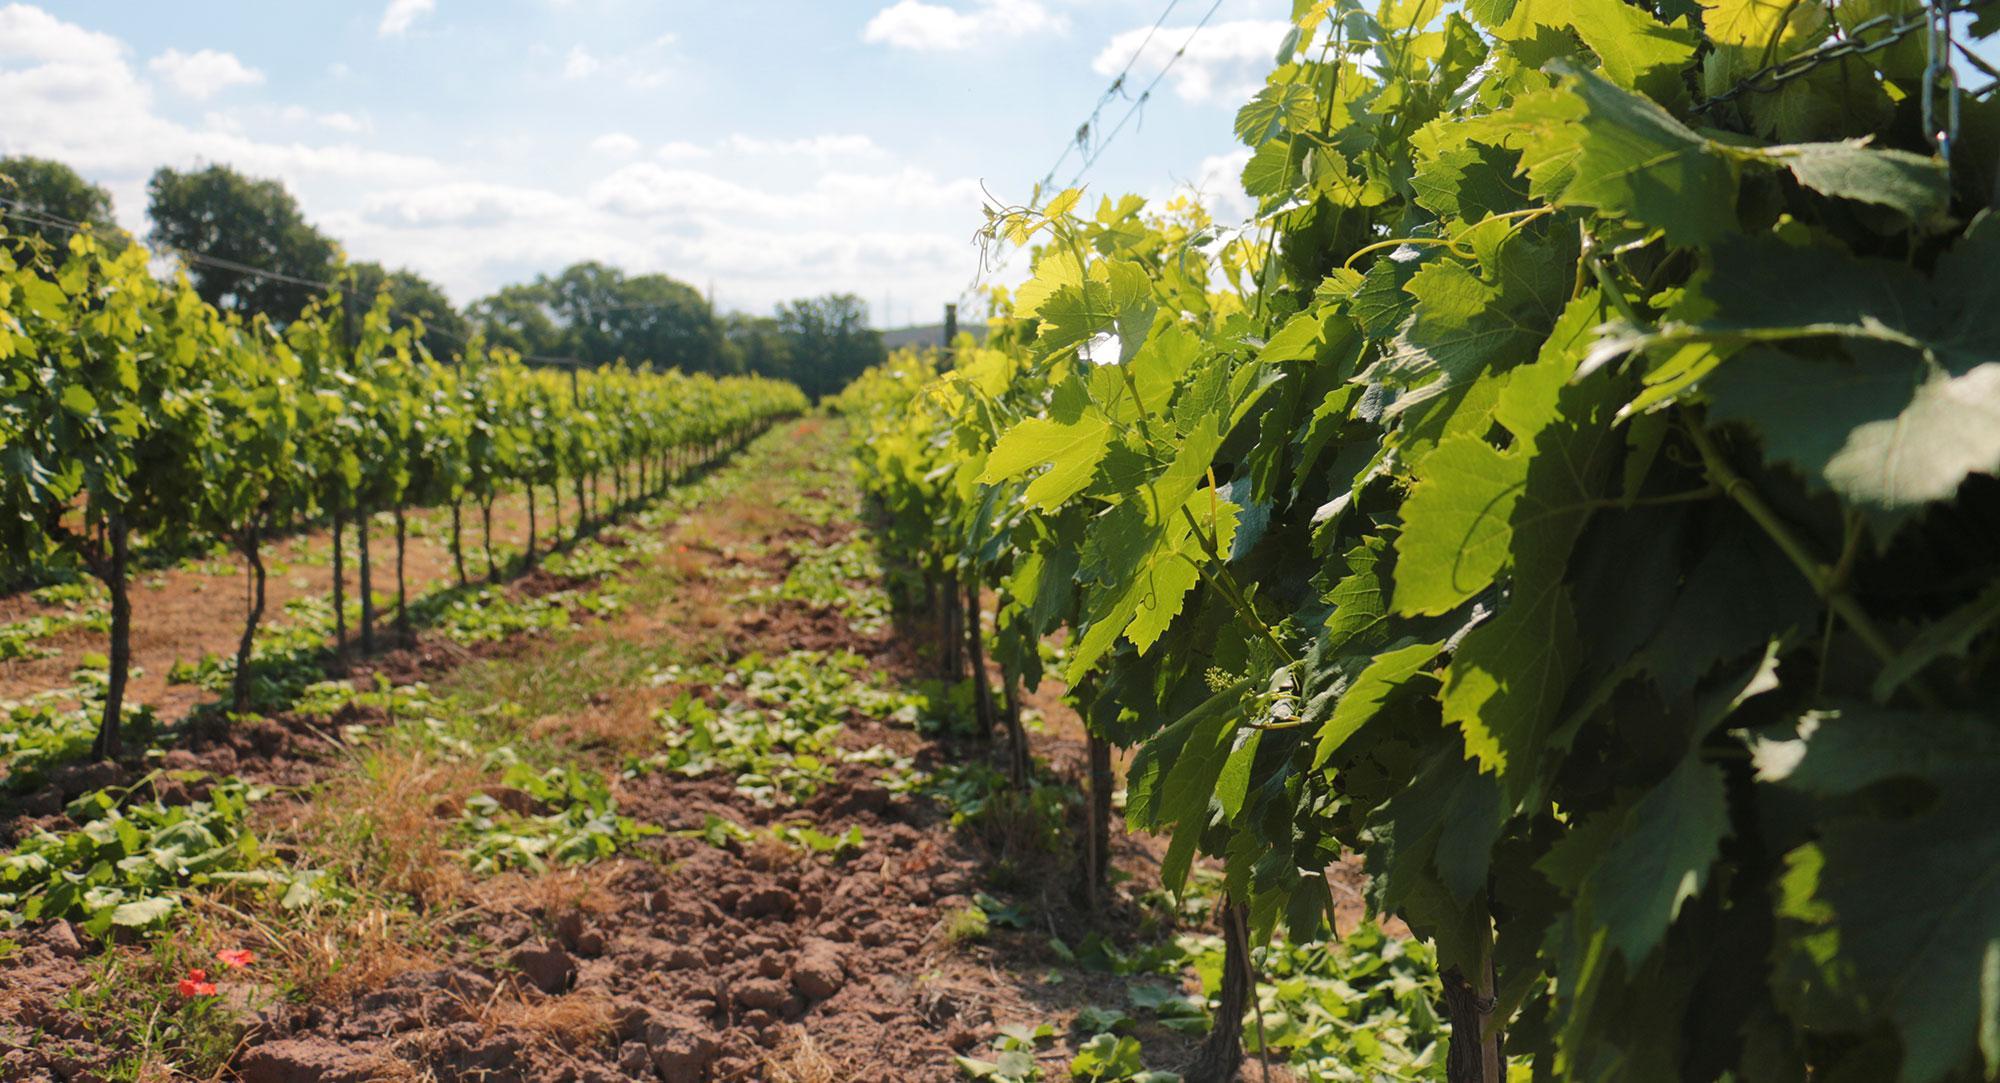 vignoble-la-maurette-6-crop2